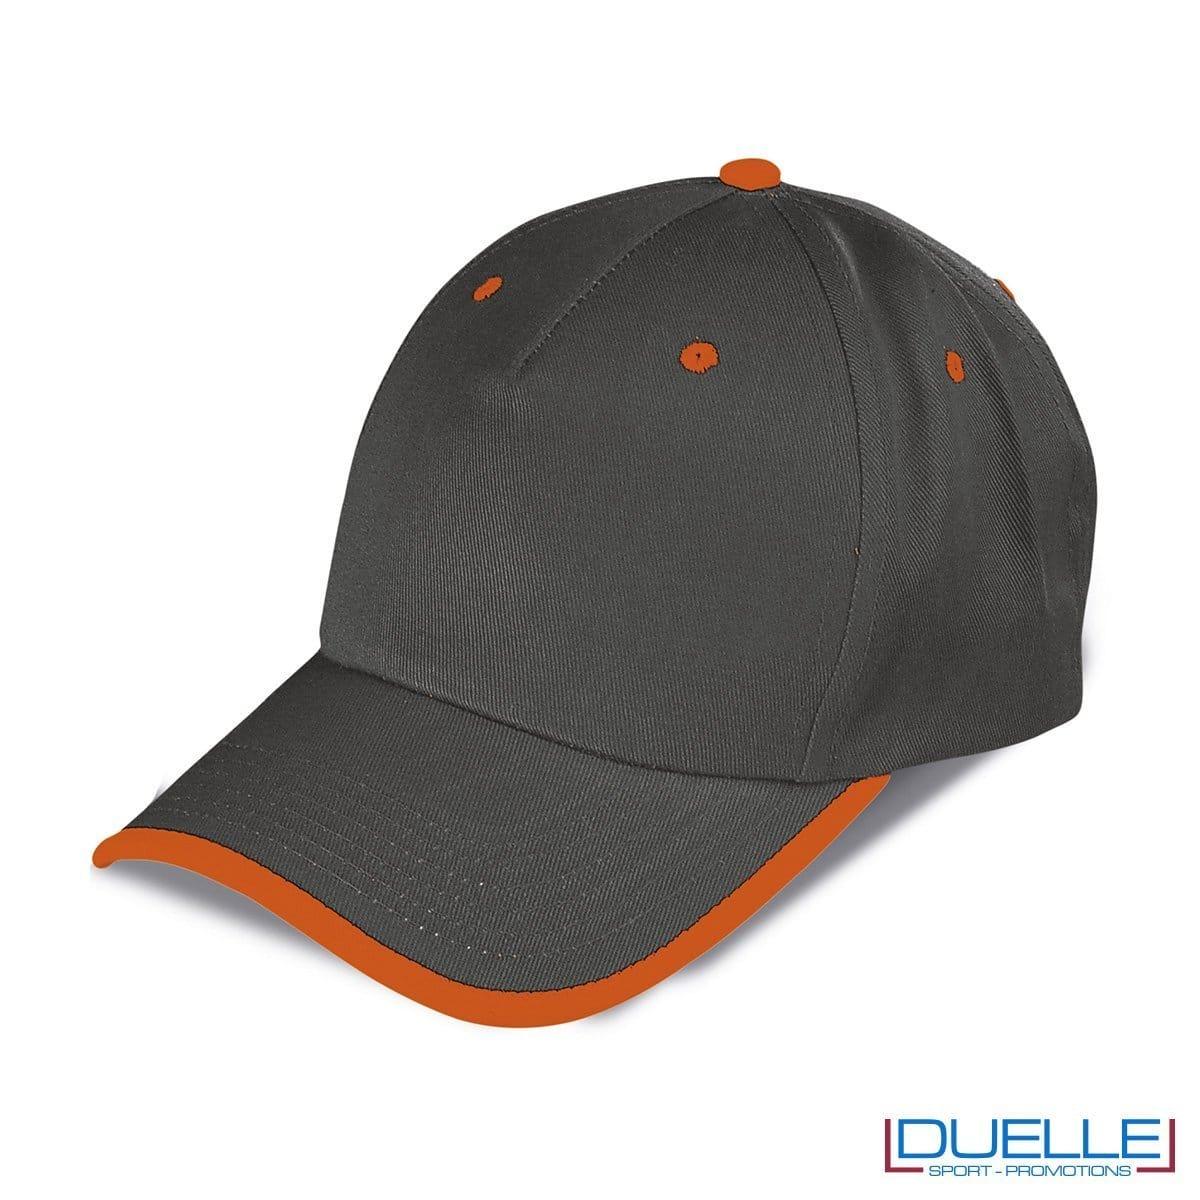 cappellino personalizzato a 5 pannelli con orlo a contrasto, colore grigio